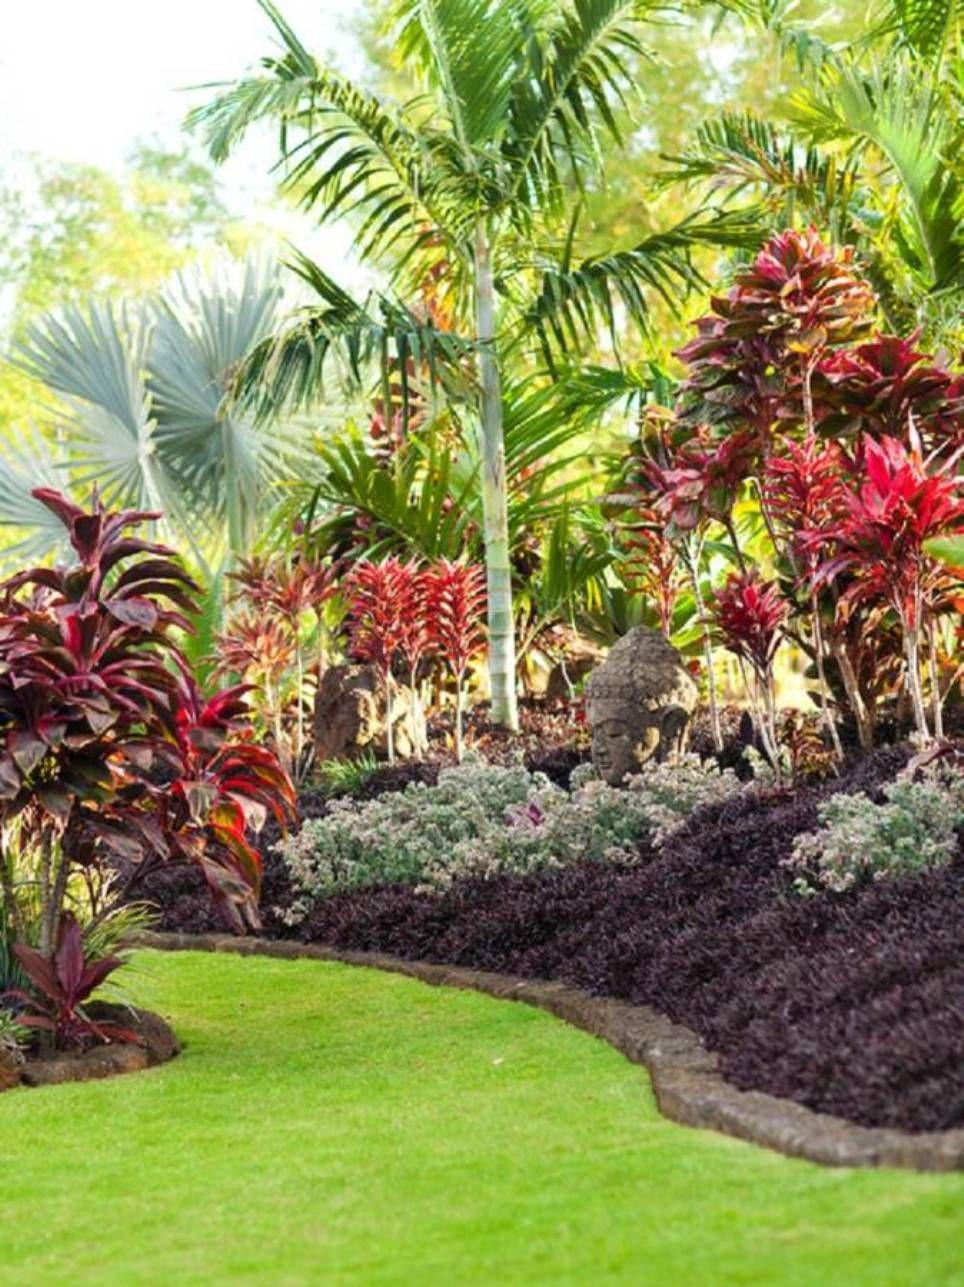 Garden And Lawn , Soothing Asian Garden Design : Tropical Asian Garden  Design